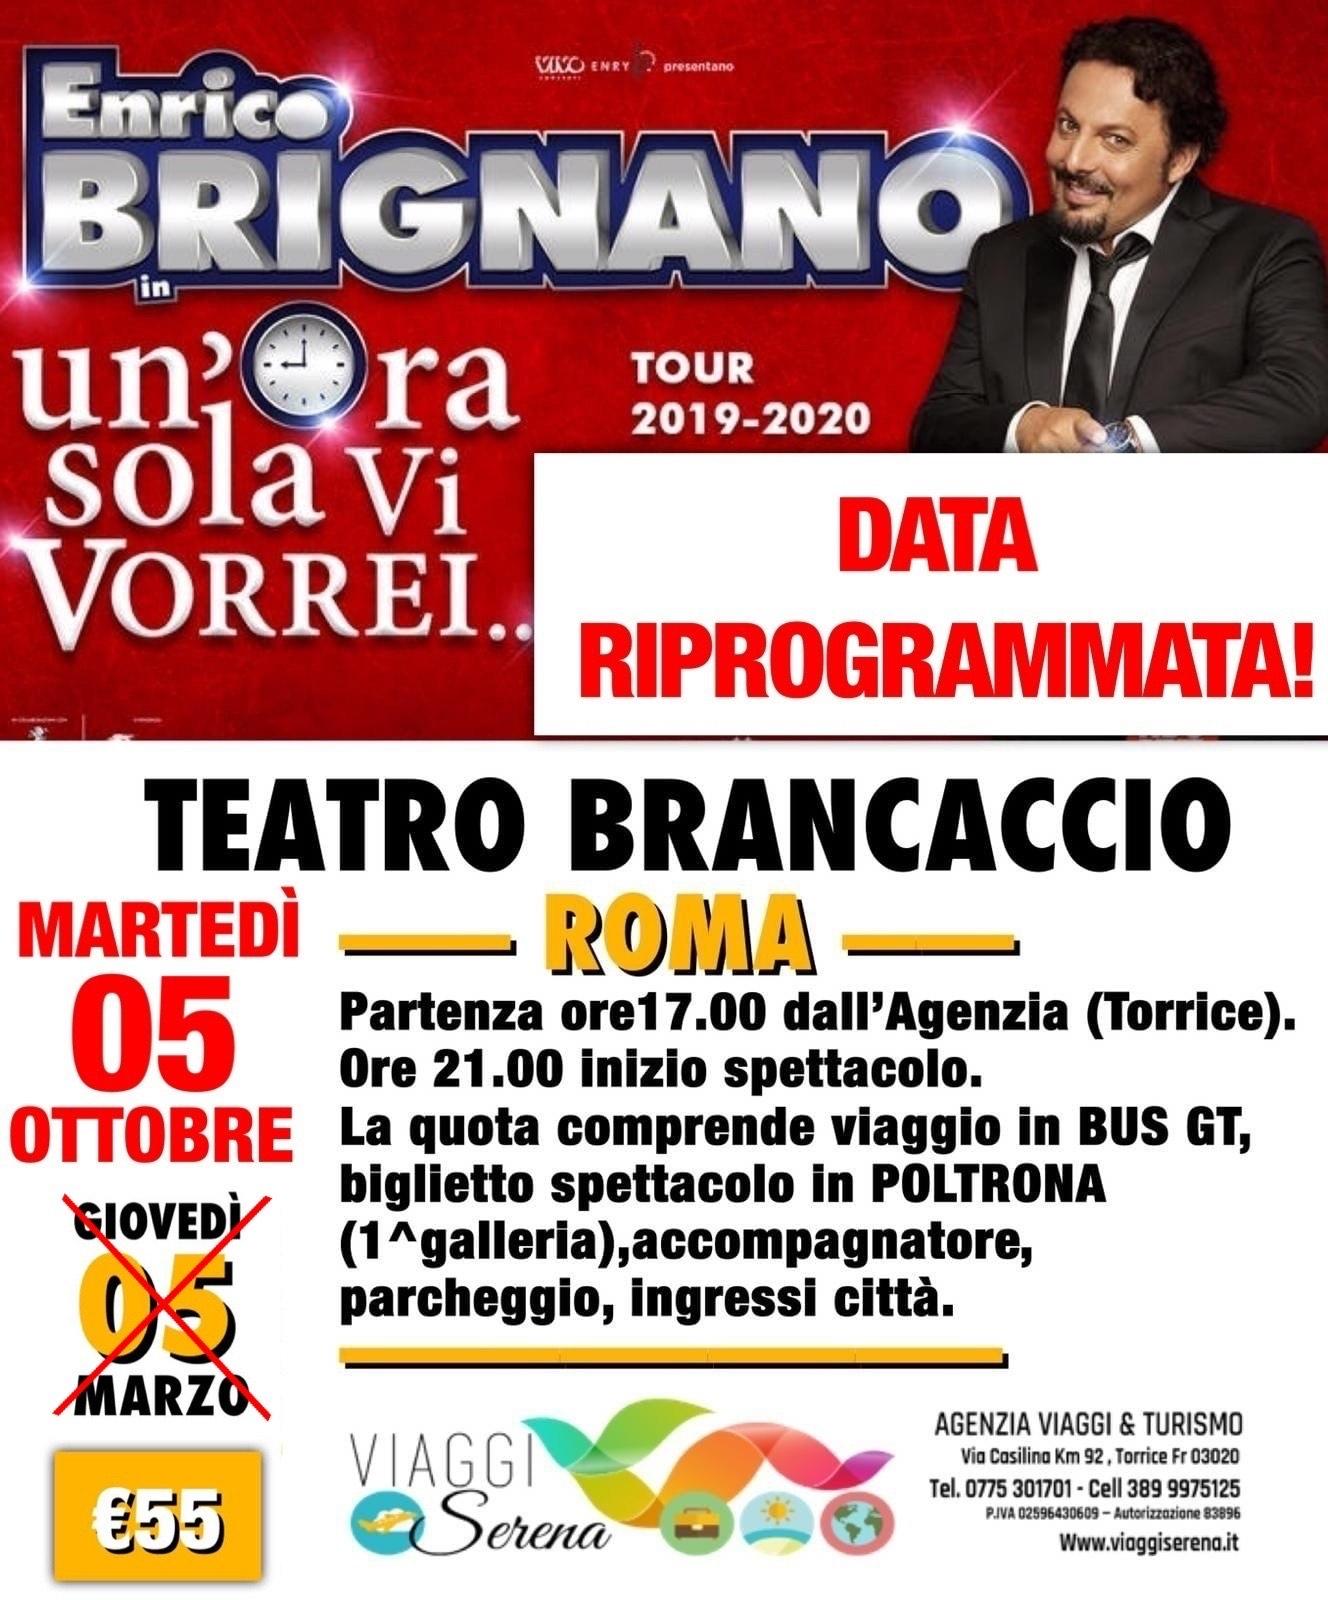 """Spettacoli Teatrali: ENRICO BRIGNANO """"Teatro Brancaccio"""" 5 Ottobre (recupero date 2020) €55,00"""